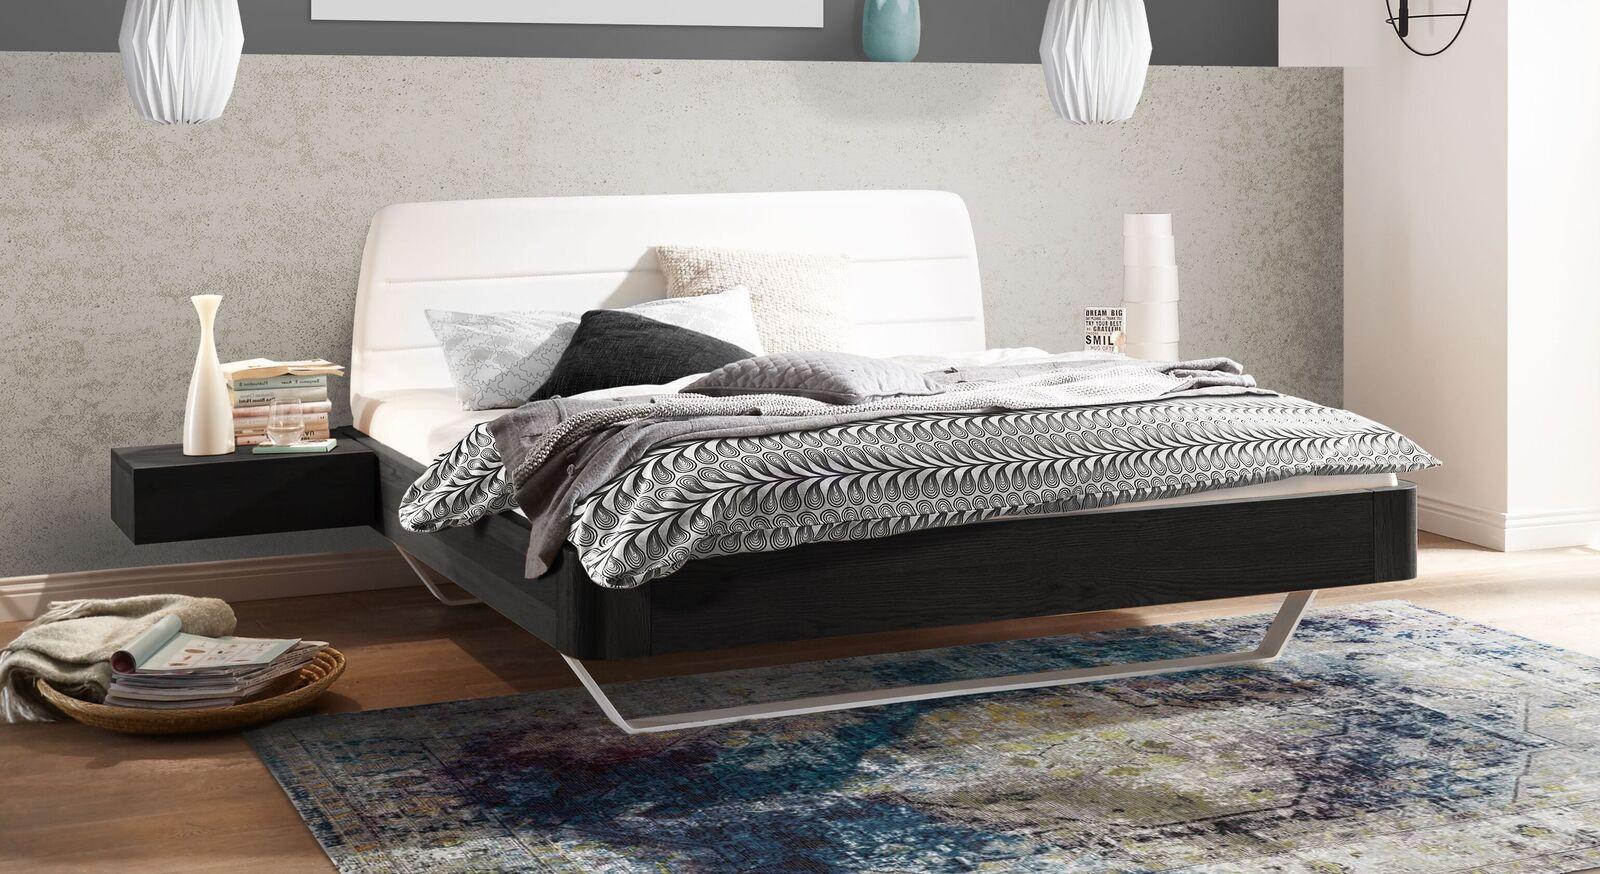 Bett Mancasso aus graphitfarbener Eiche